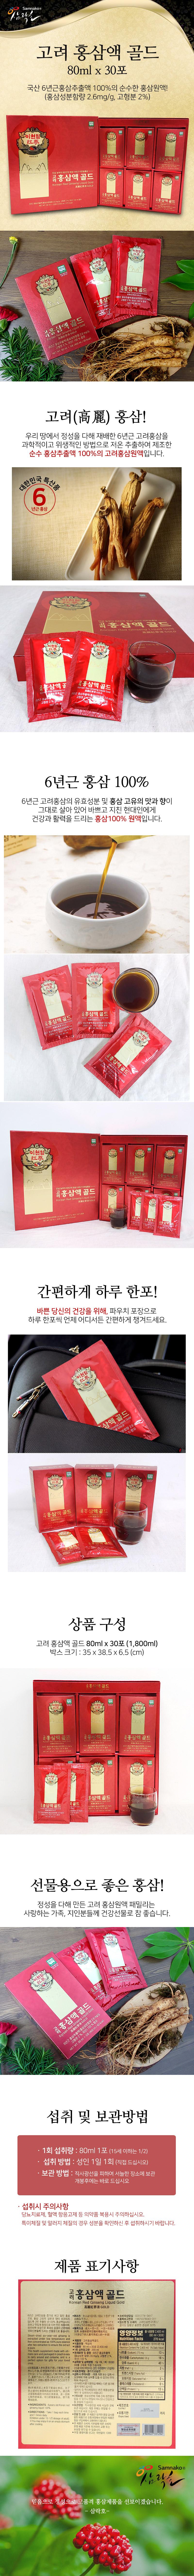 14_GR_ginseng_gold_30.jpg